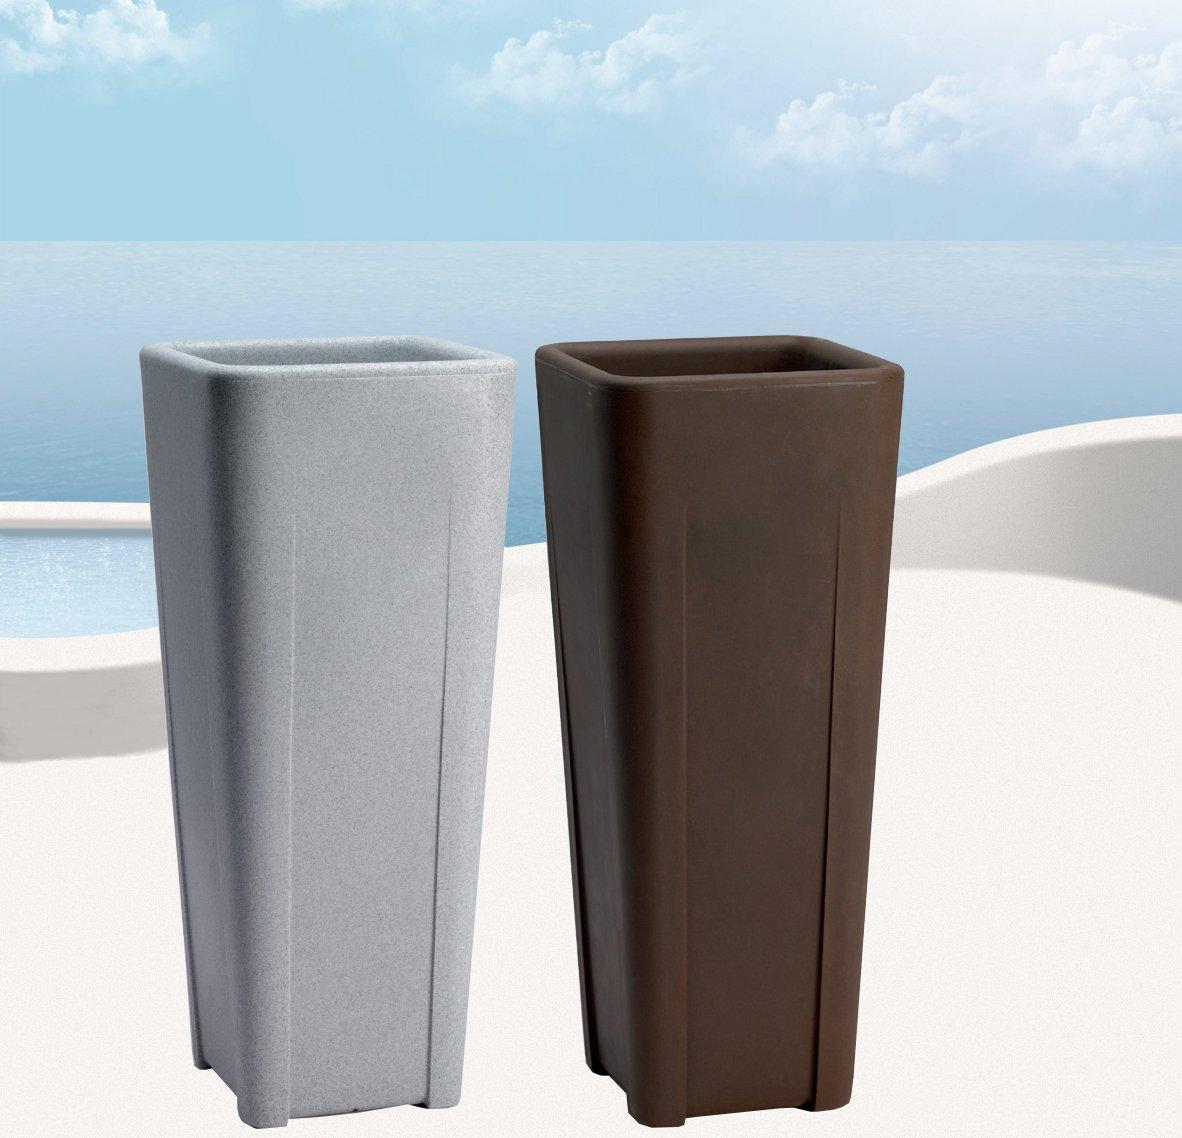 Vasi piante esterno idee per il design della casa - Vasi in ceramica da esterno ...